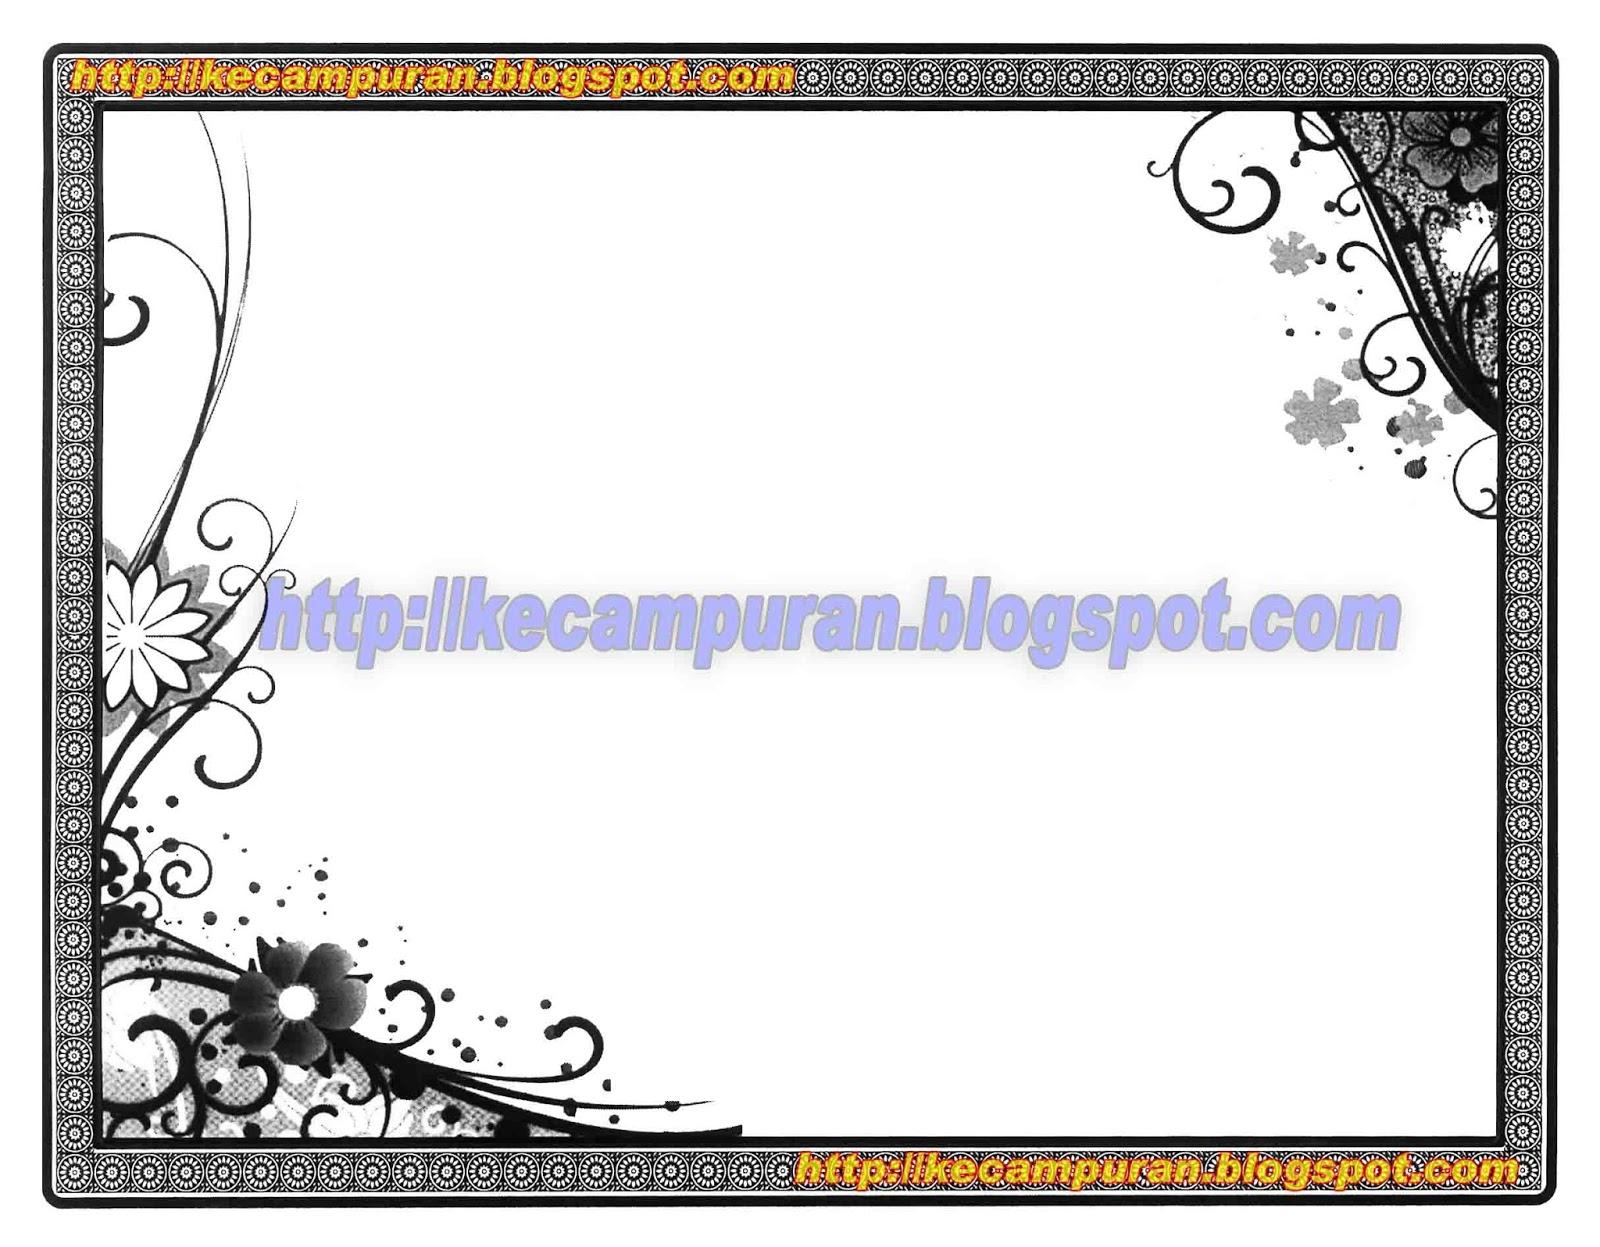 List of top bingkai kartu ucapan images - List Of Top Bingkai Kartu Ucapan Images 47